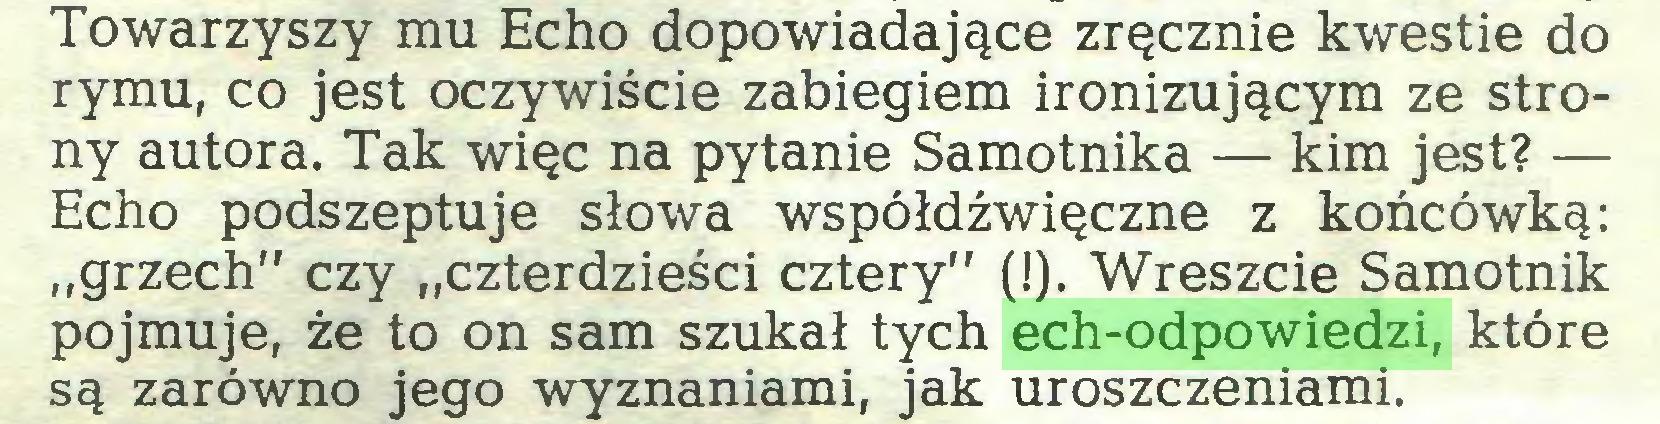 """(...) Towarzyszy mu Echo dopowiadające zręcznie kwestie do rymu, co jest oczywiście zabiegiem ironizującym ze strony autora. Tak więc na pytanie Samotnika — kim jest? — Echo podszeptuje słowa współdźwięczne z końcówką: """"grzech"""" czy """"czterdzieści cztery"""" (!). Wreszcie Samotnik pojmuje, że to on sam szukał tych ech-odpowiedzi, które są zarówno jego wyznaniami, jak uroszczeniami..."""